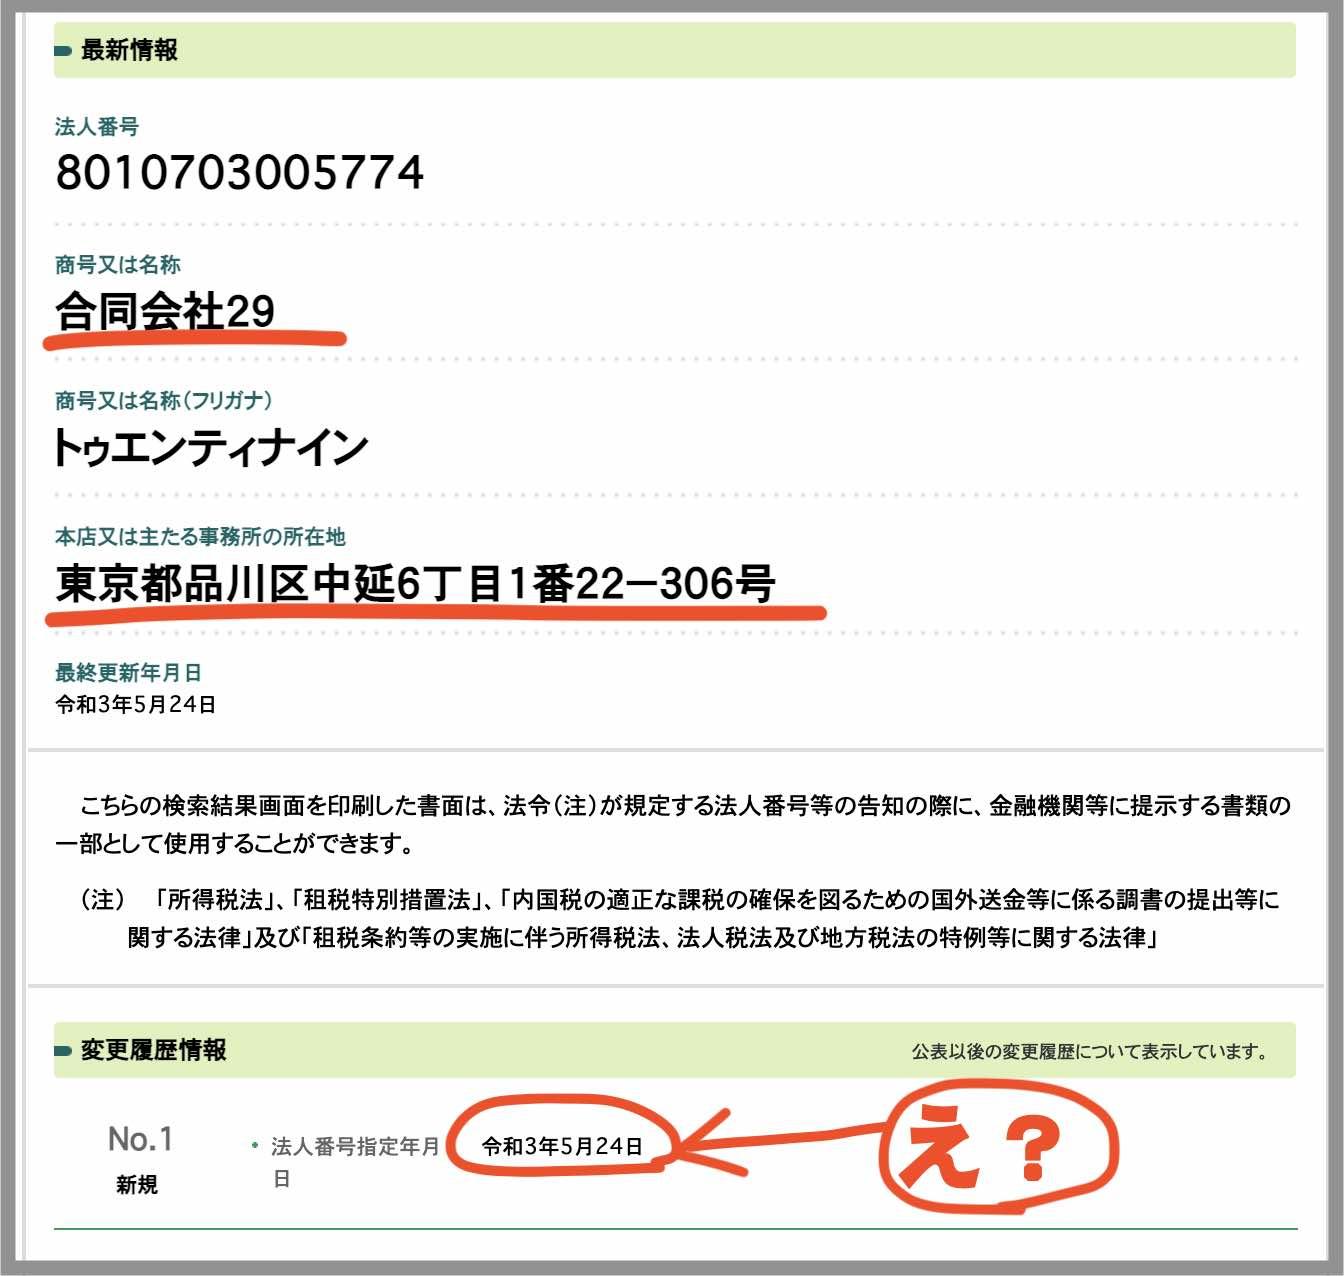 万舟JAPAN(万舟ジャパン)という競艇予想サイト(ボートレース予想サイト)の運営社情報を探す